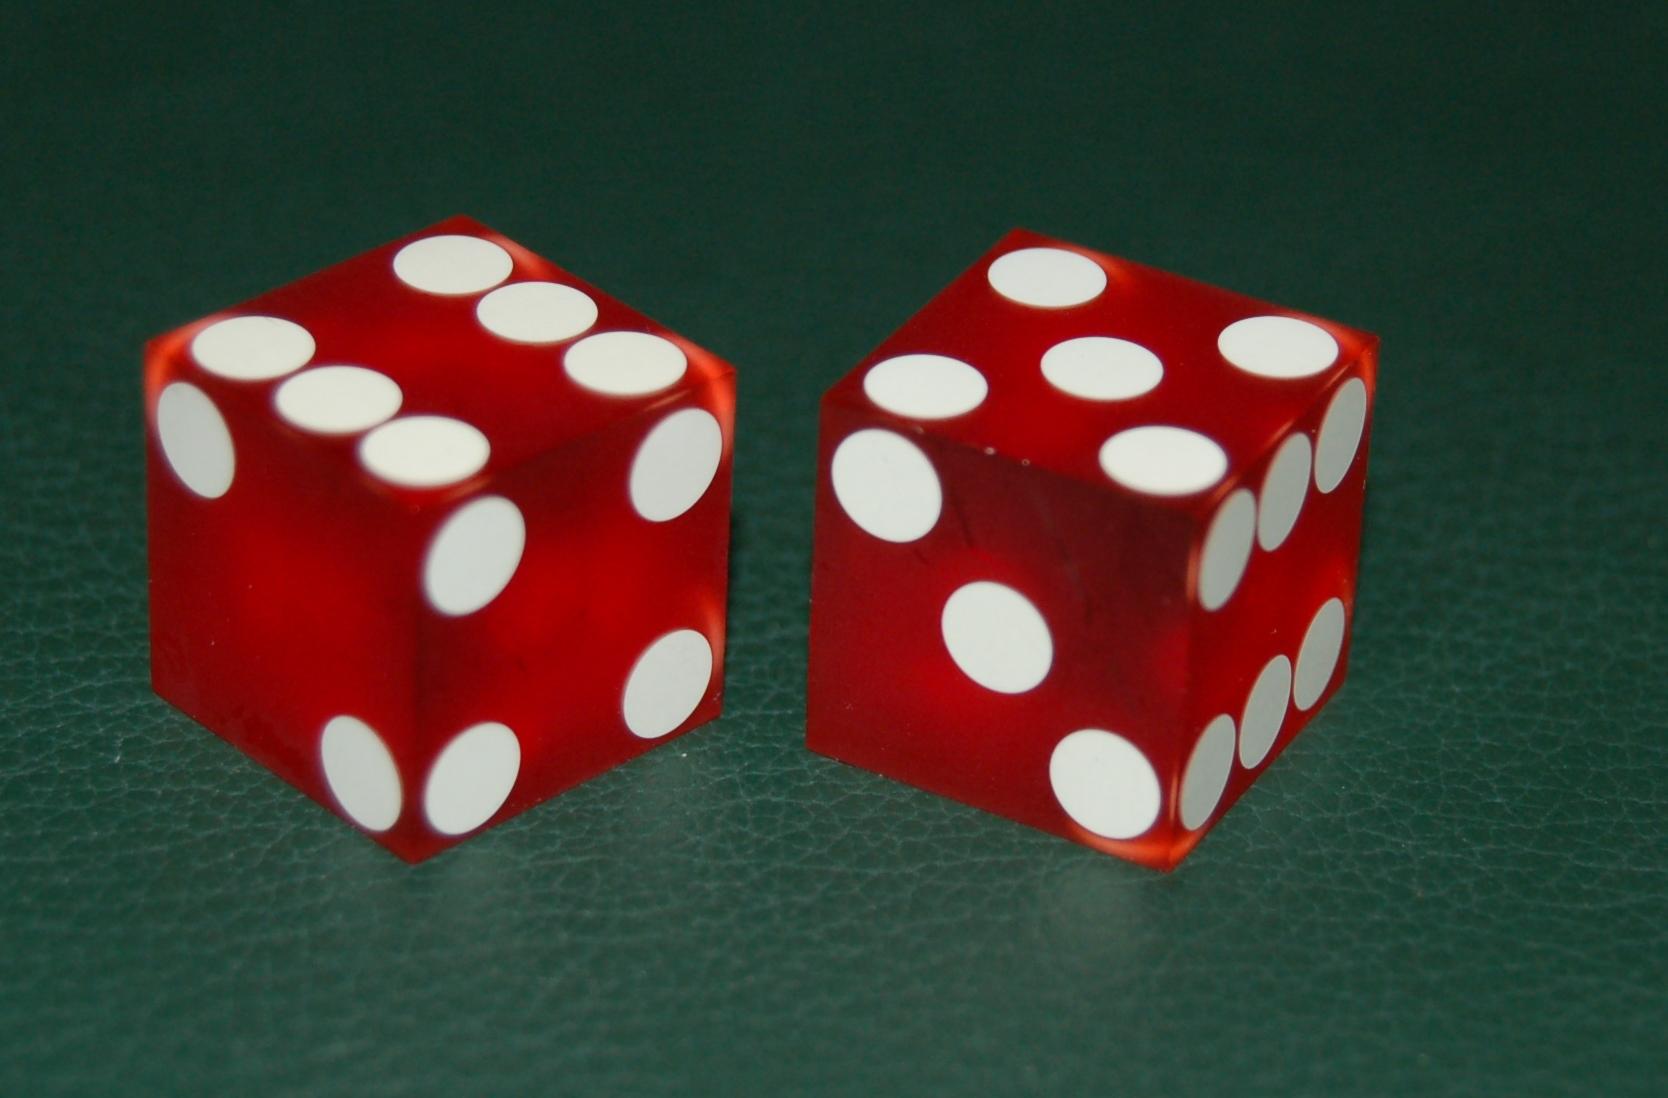 Jogos de craps casinos 46852